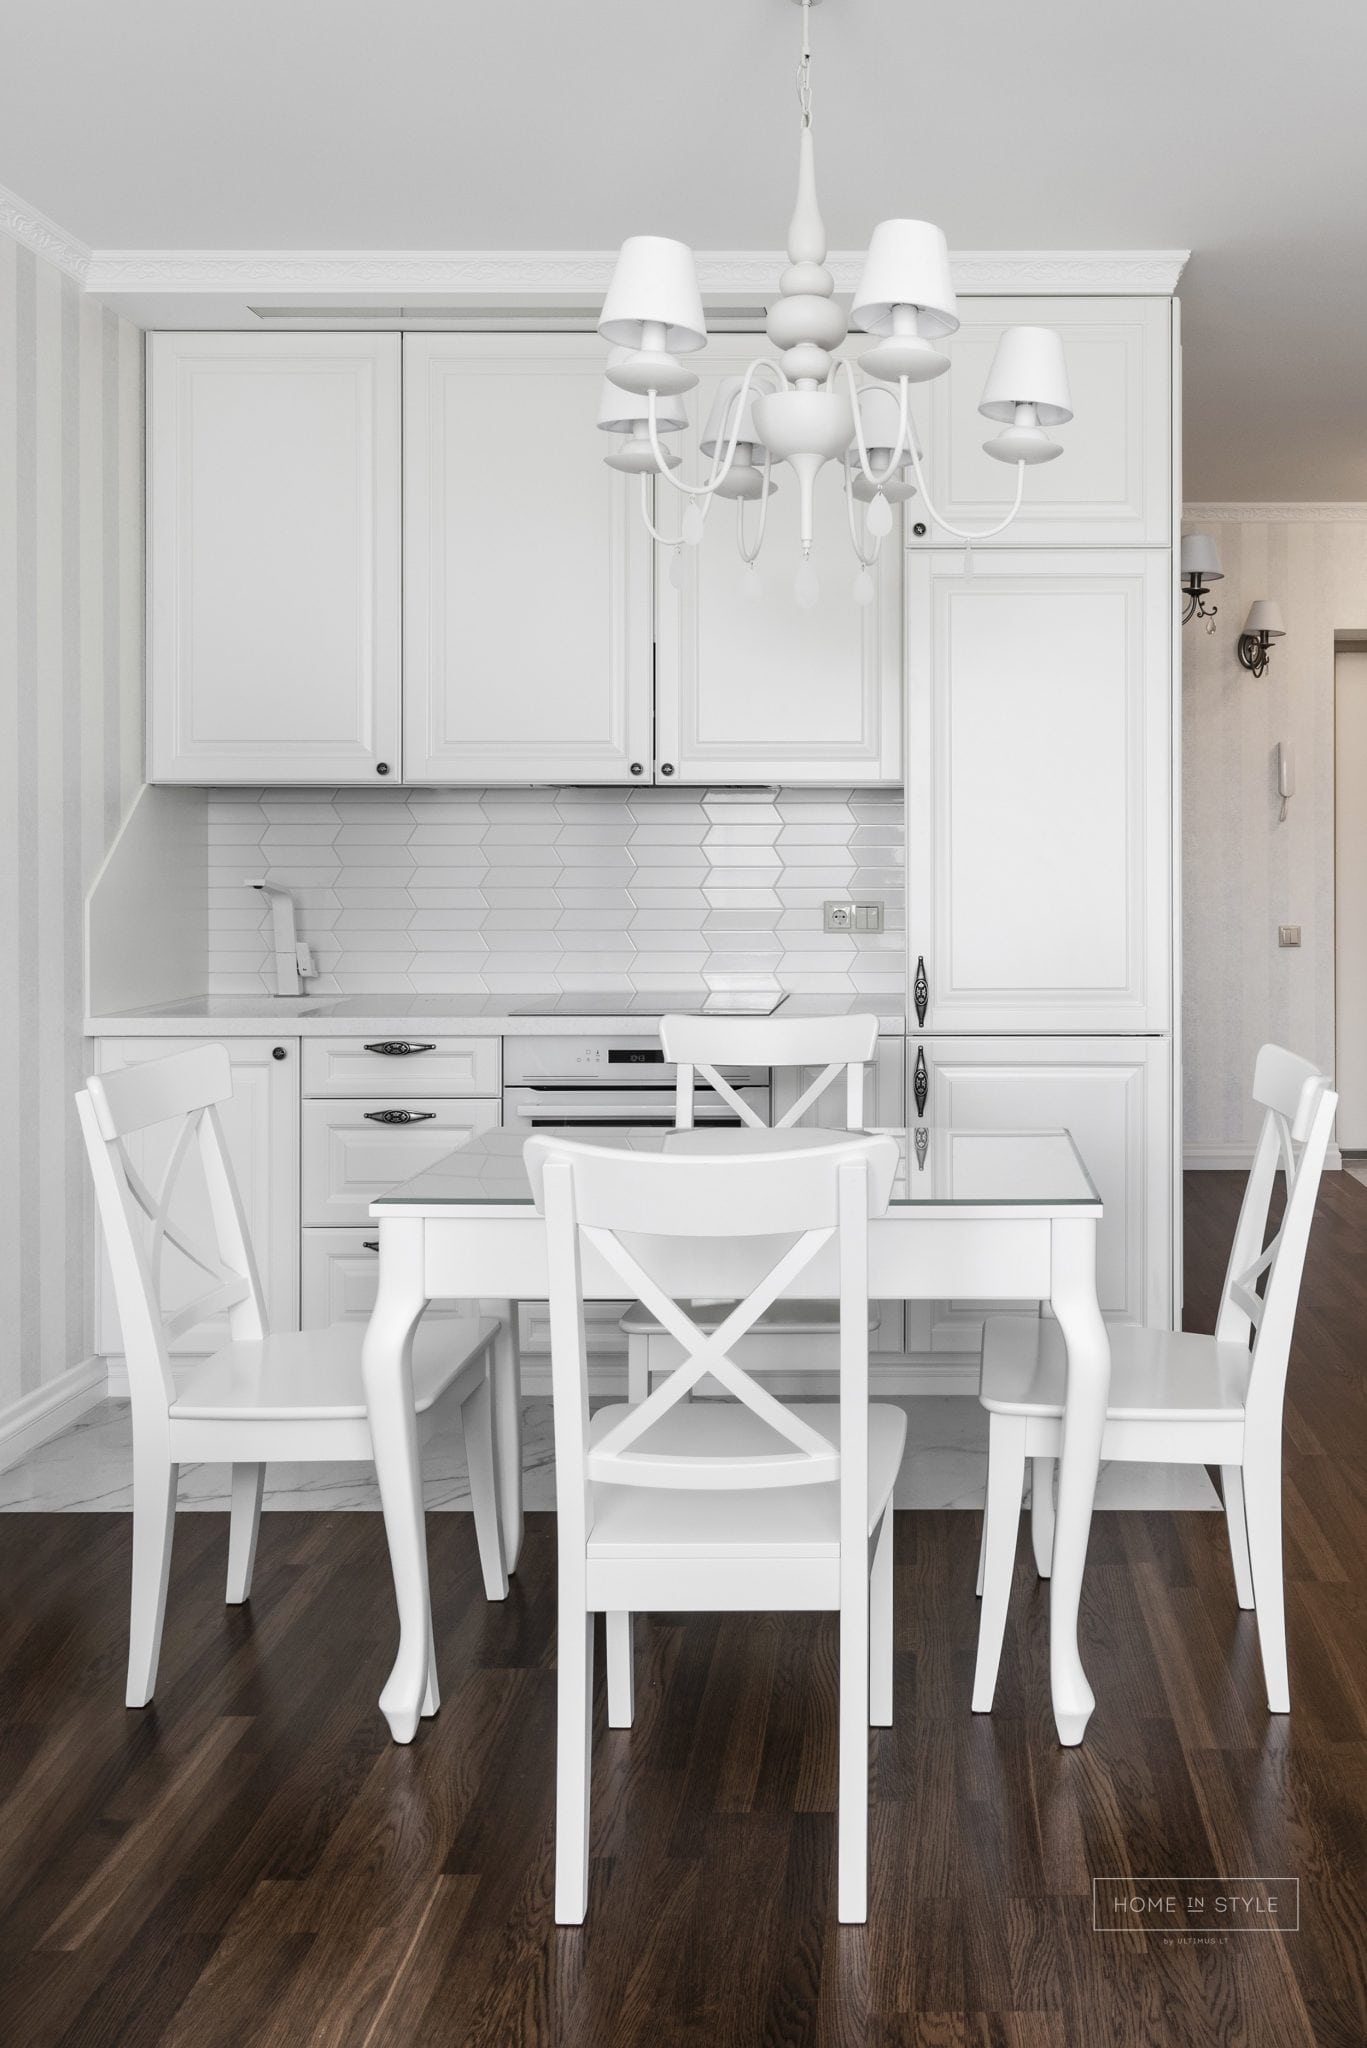 Klasikinis interjeras virtuves baldu gamyba projektas Ulvydo